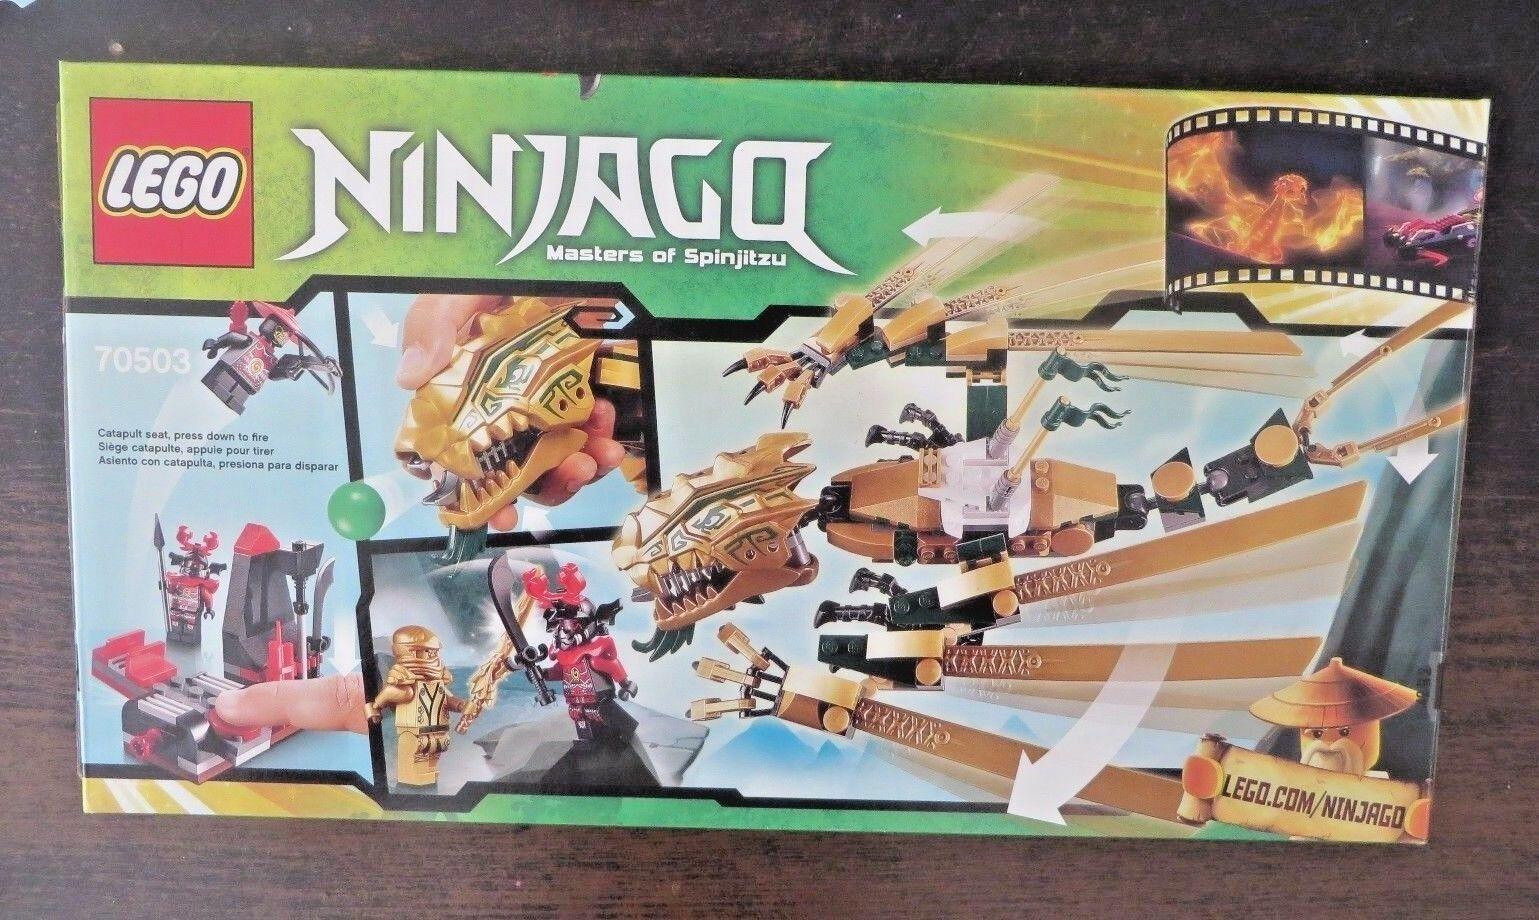 Lego 70503 - Ninjago Ninjago Ninjago - The golden Dragon -  Retired - NISB 4a005f